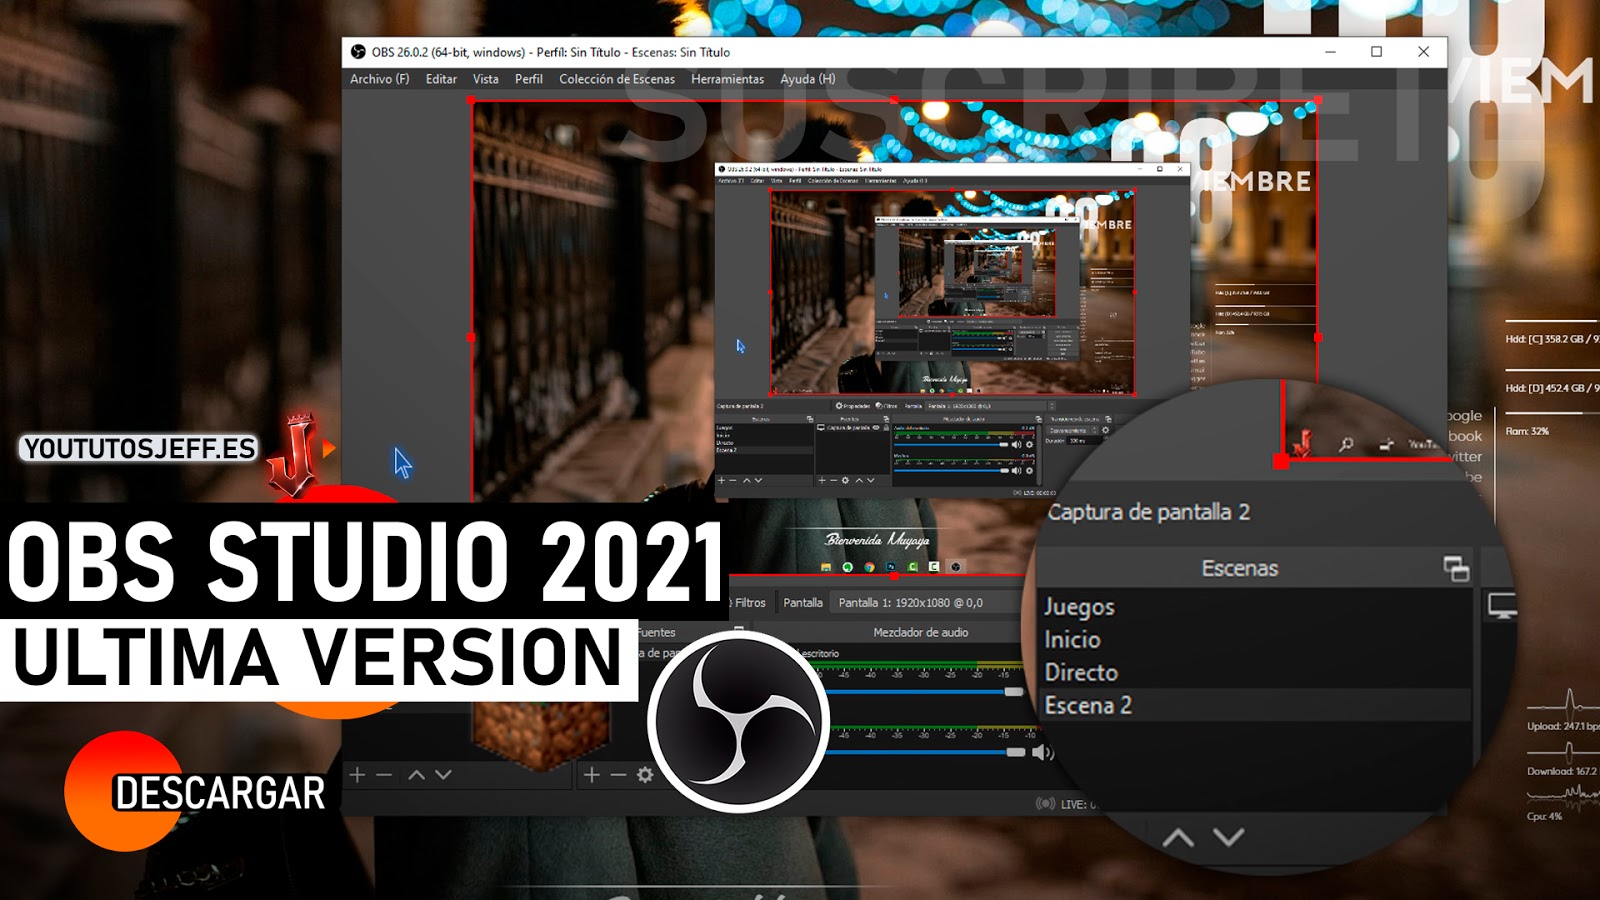 Como Descargar OBS Studio Ultima Version 2021 FULL ESPAÑOL